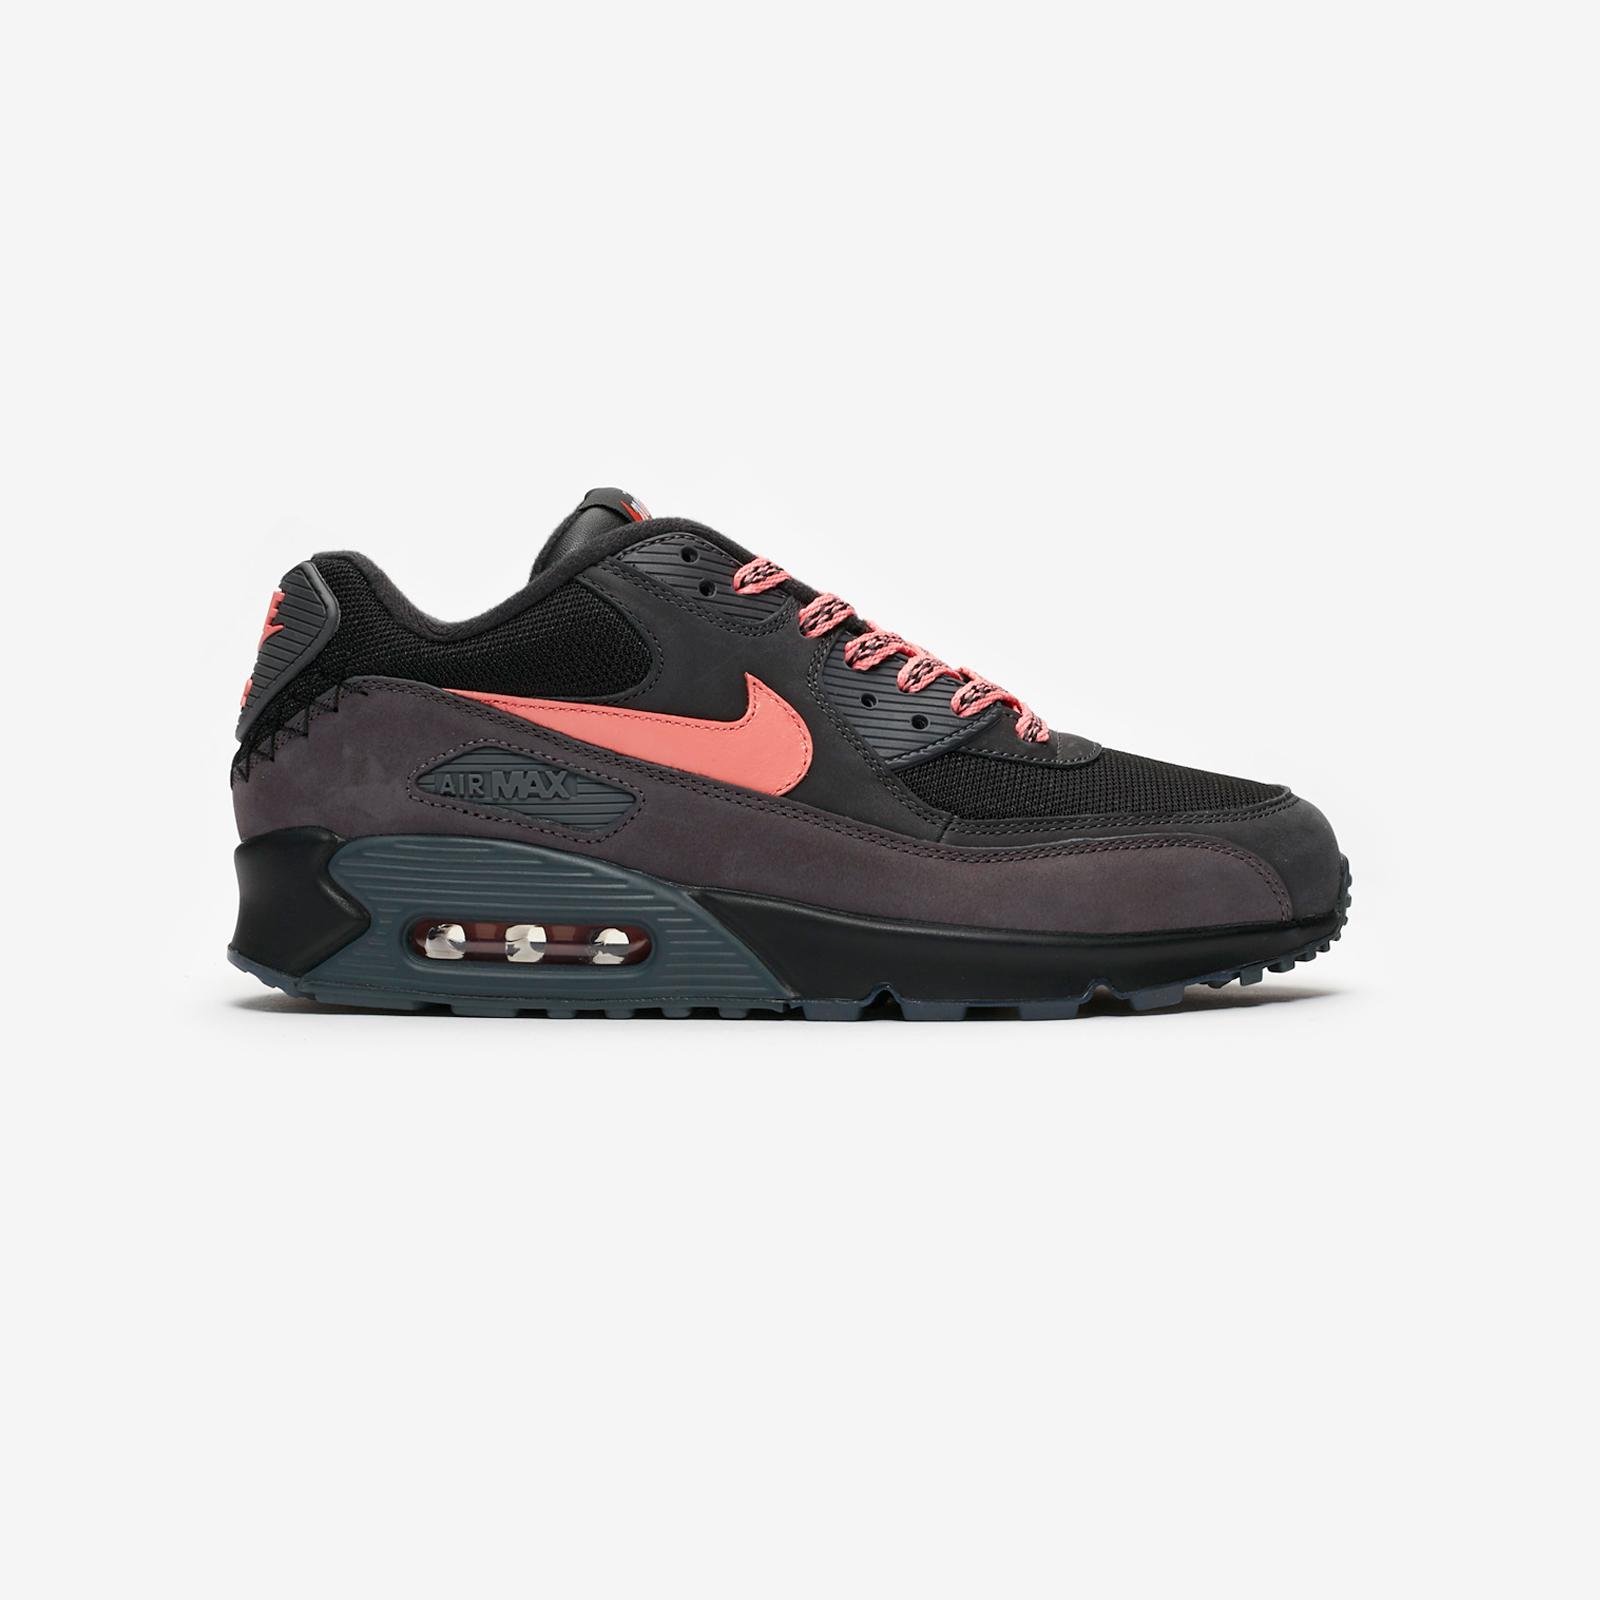 Nike air max 90 side a